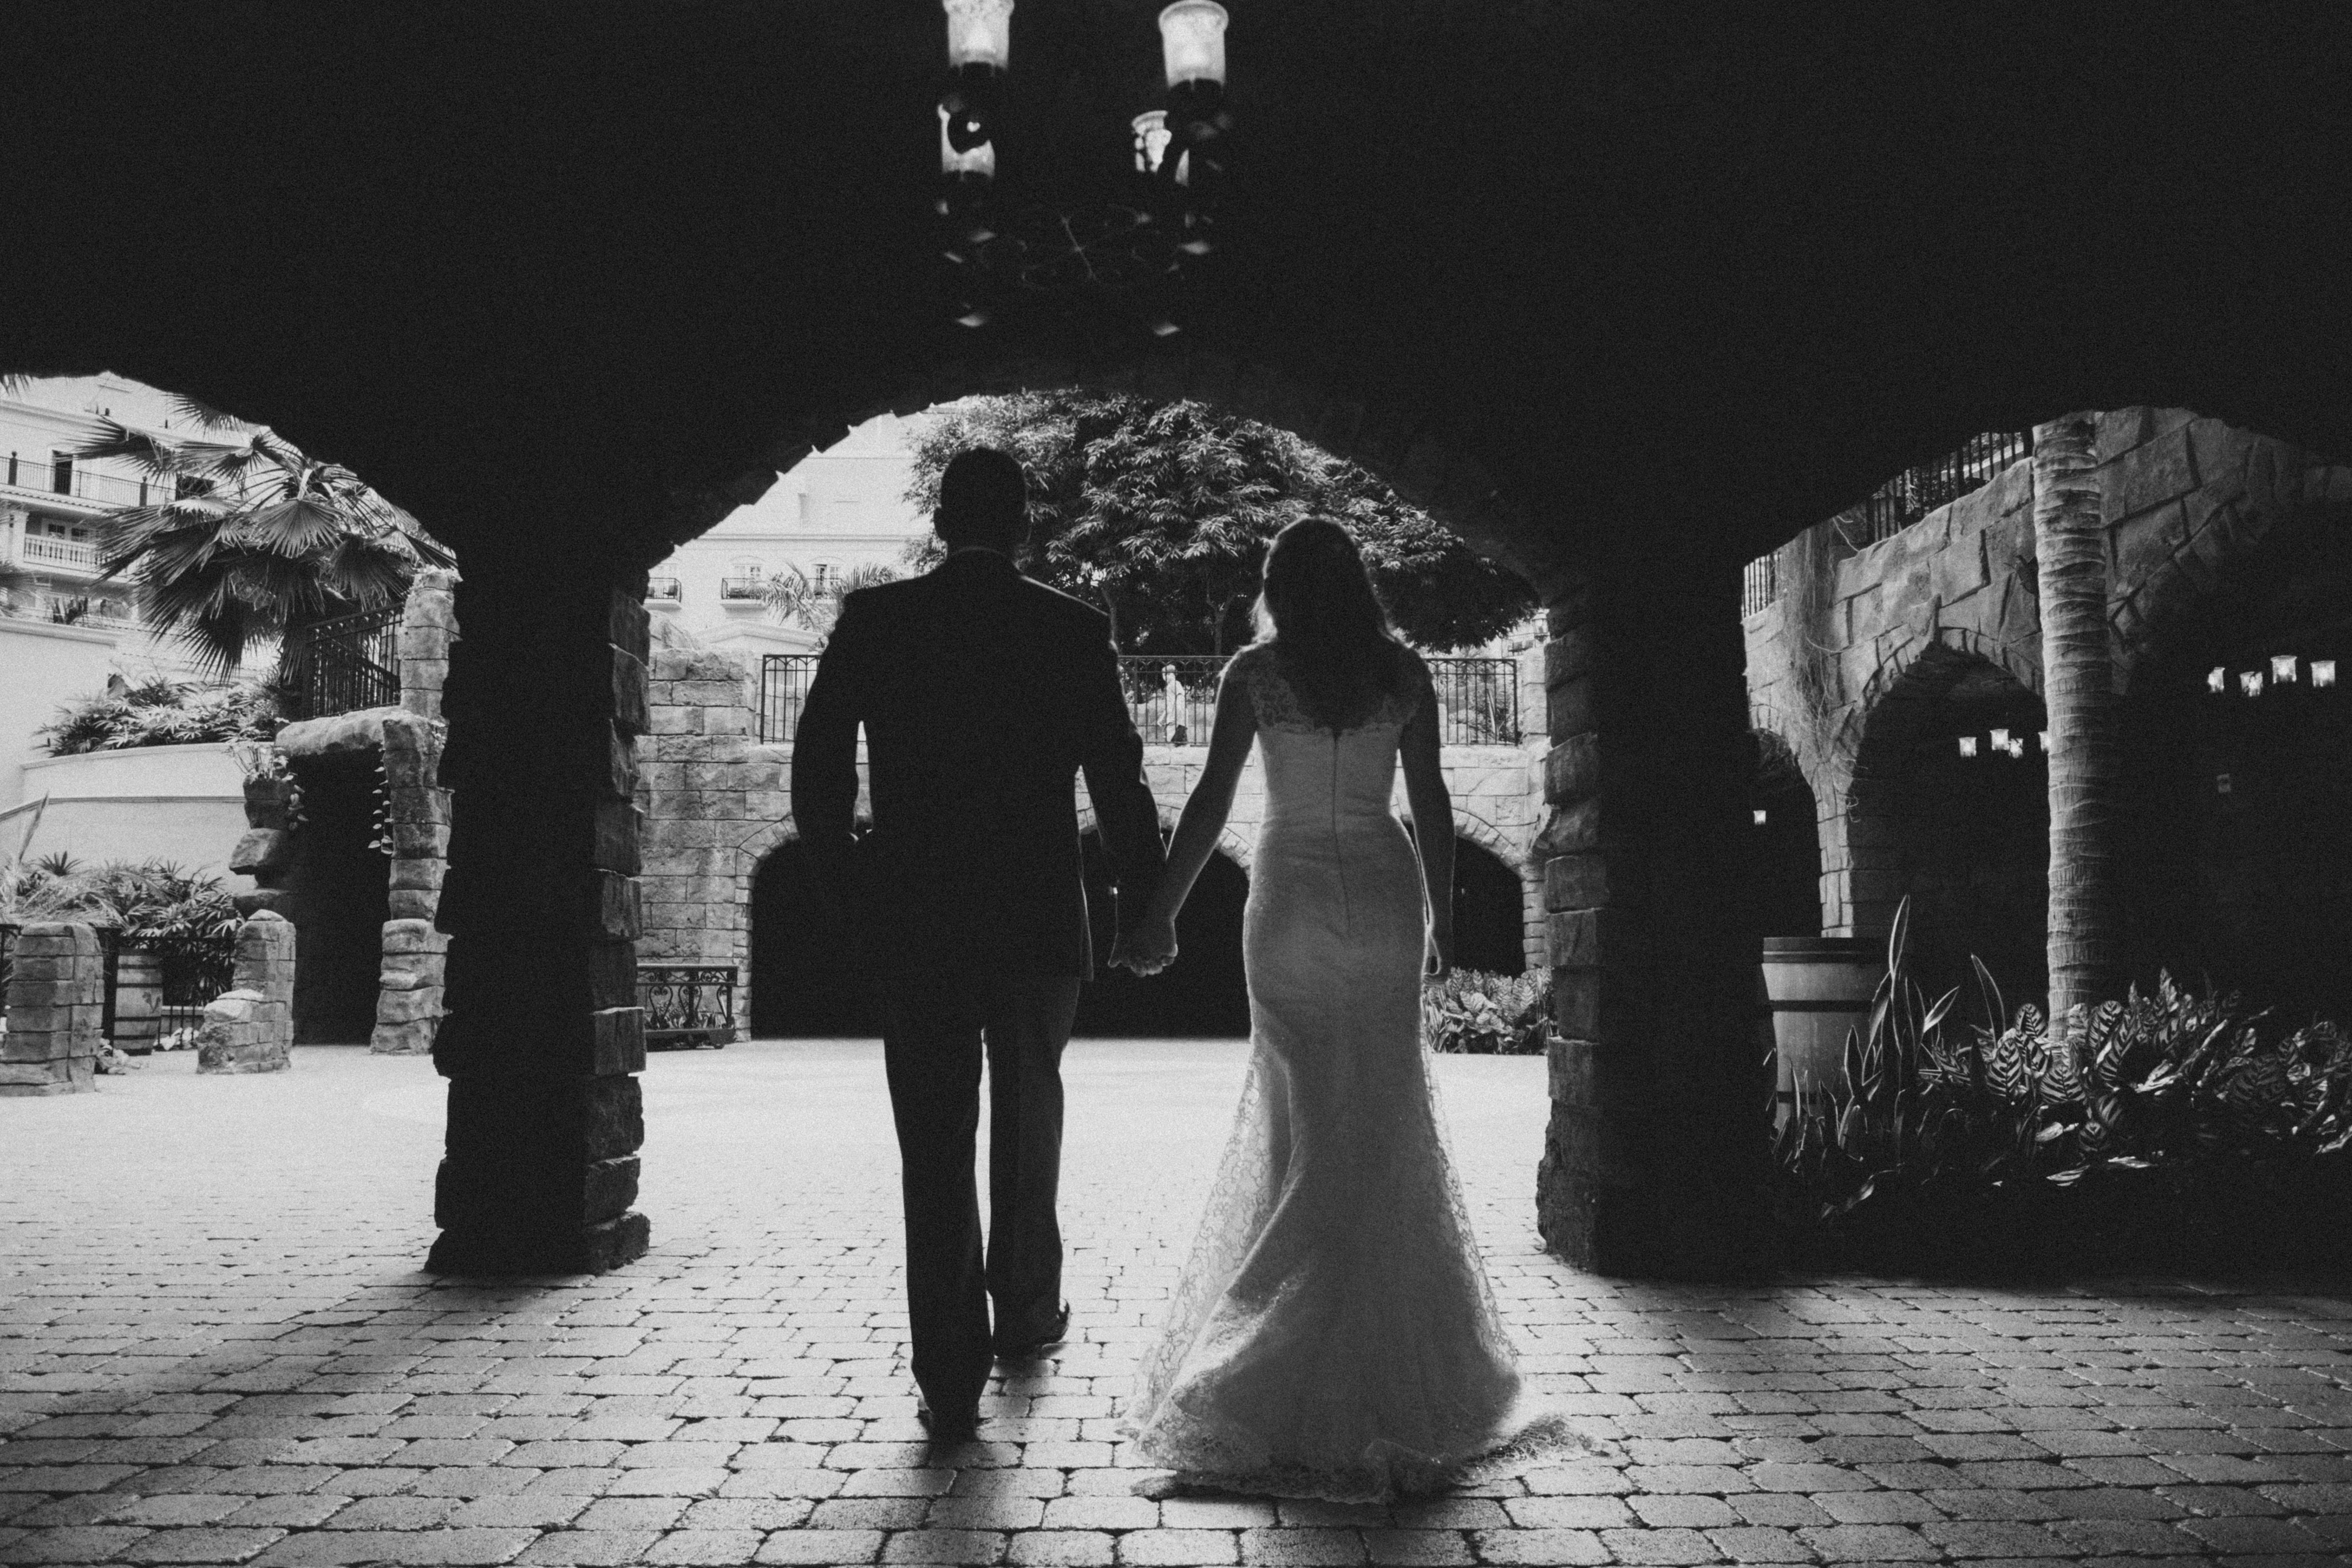 Lexi + Alex's Wedding - Jamie O' + Co